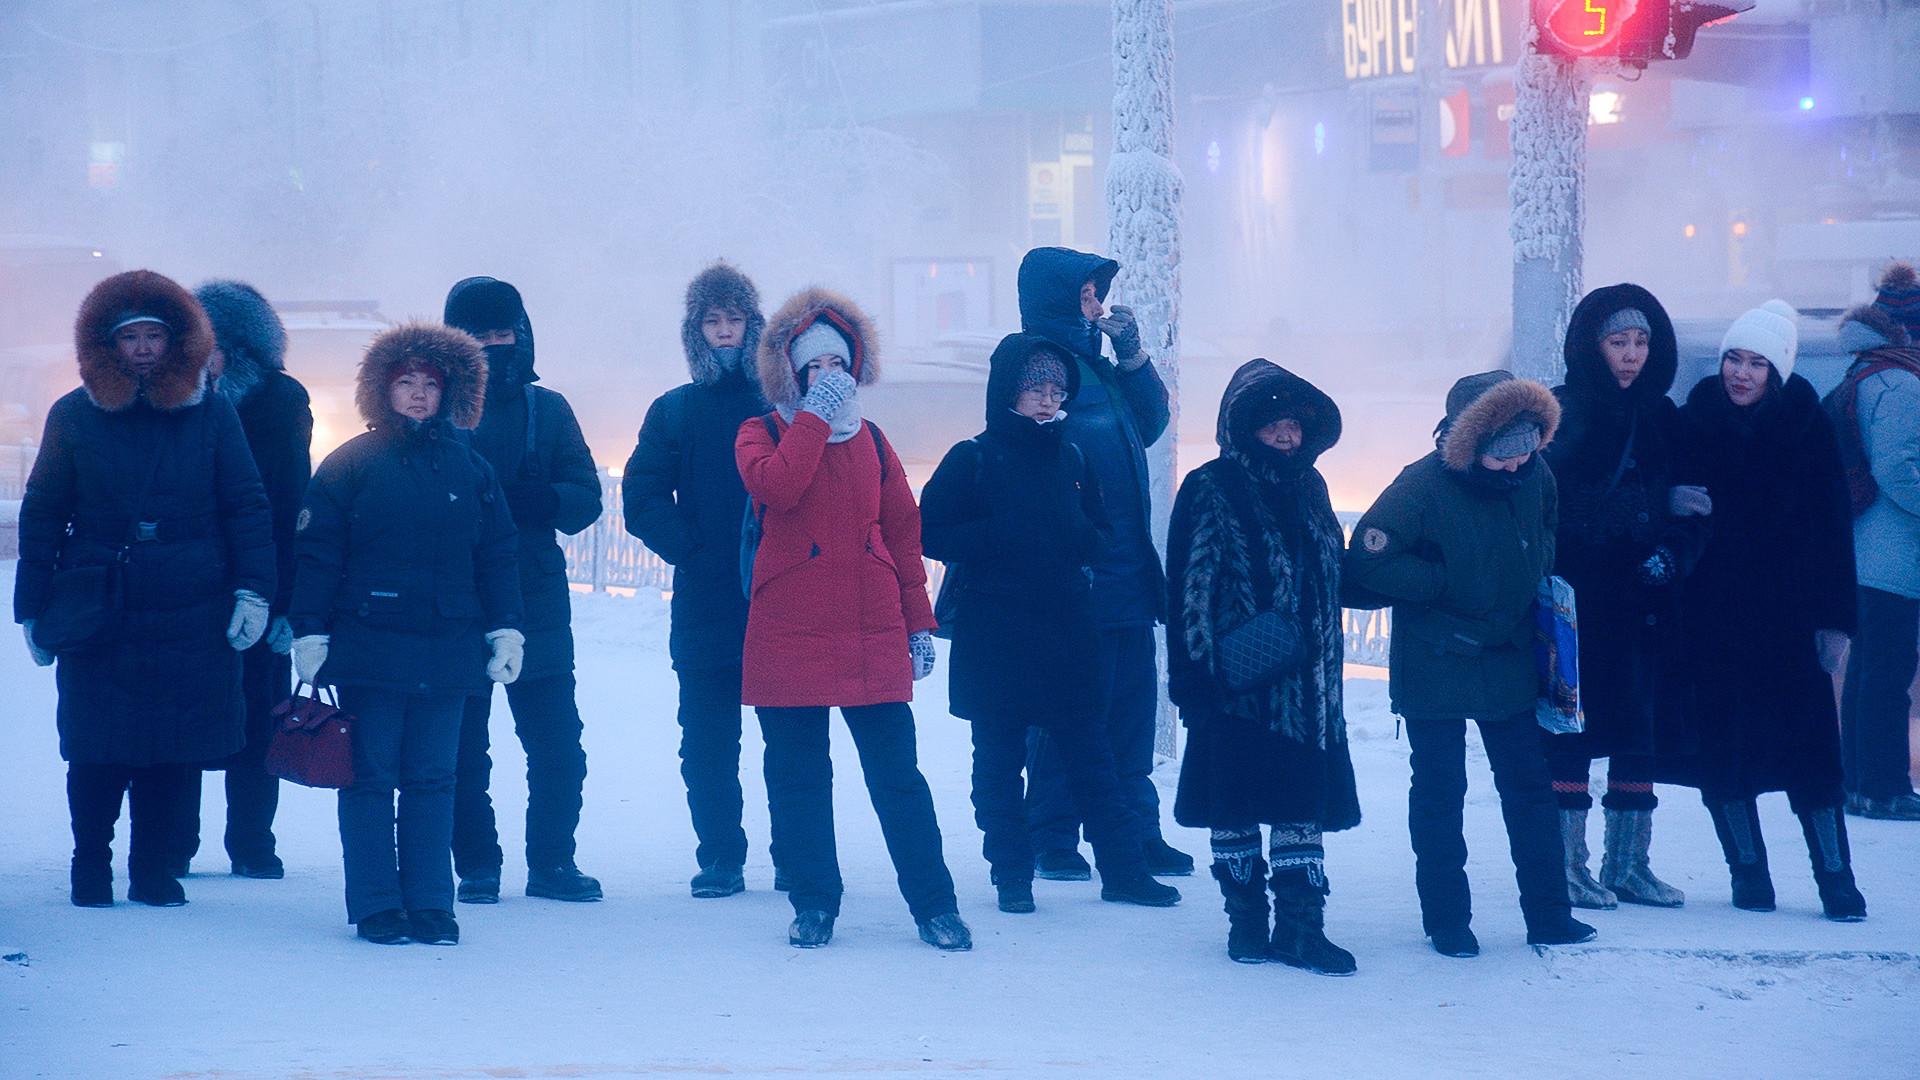 Якутск, -47 градуса